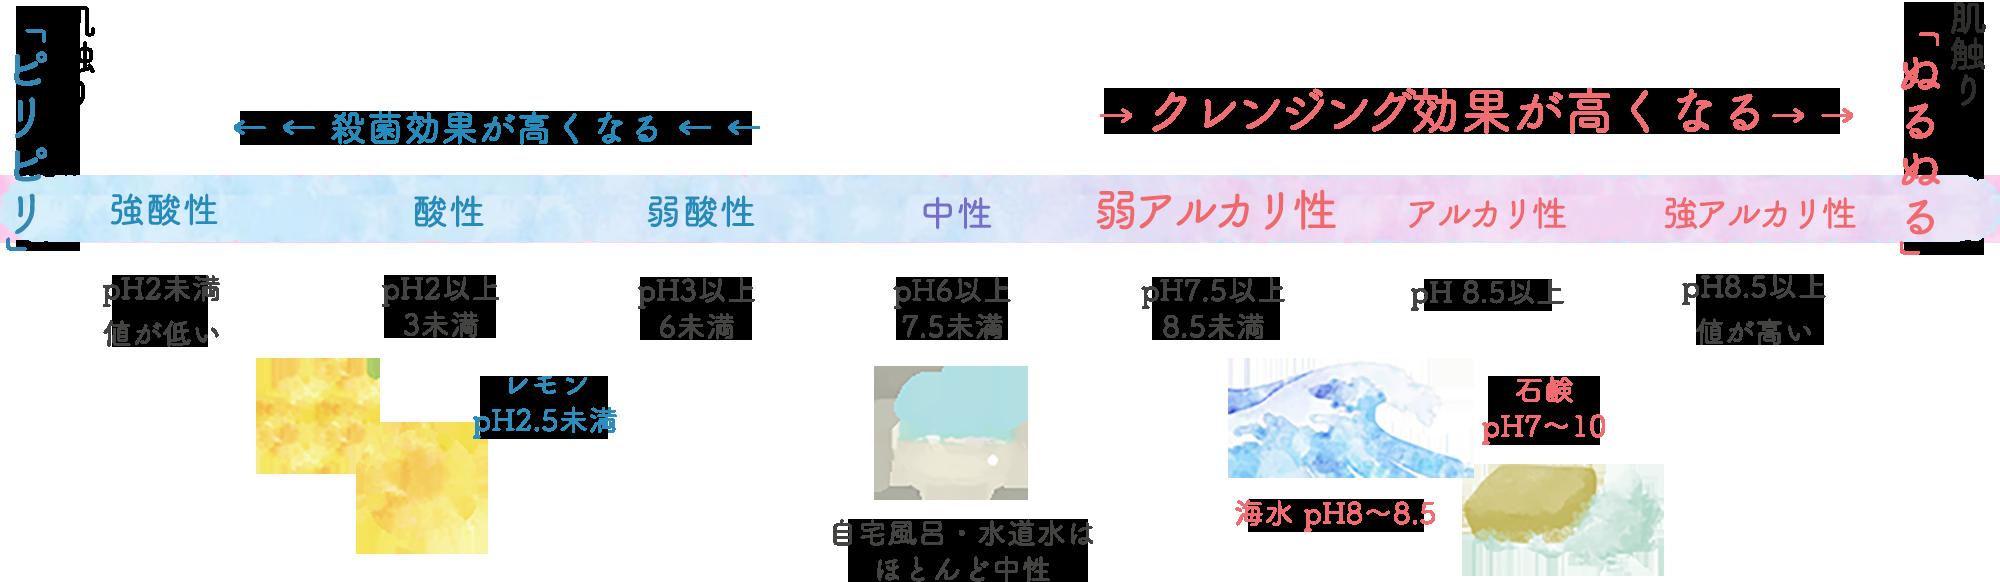 強酸性 酸性 弱酸性 中性 弱アルカリ性 アルカリ性 強アルカリ性 図